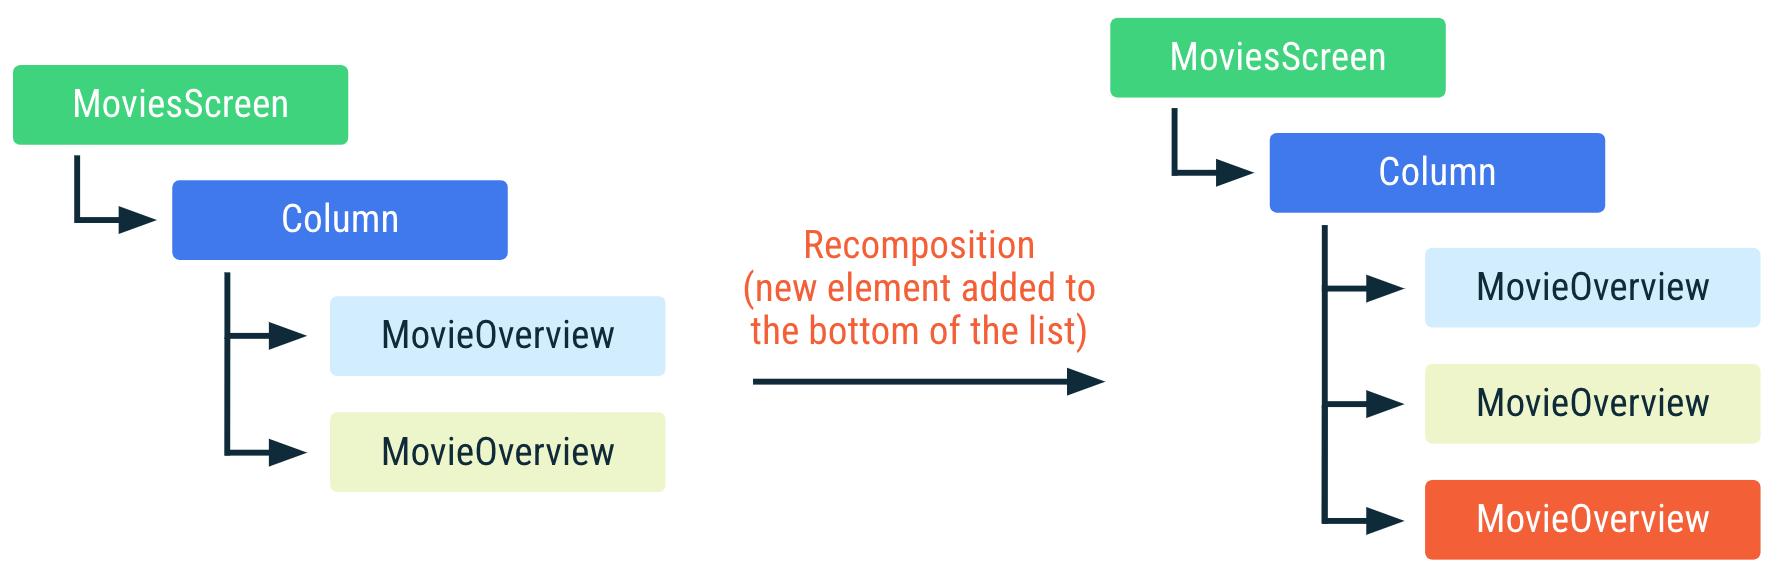 Diagrama mostrando como ocorre a recomposição do código anterior se um novo elemento for adicionado ao fim da lista. A posição dos outros itens da lista não mudou, portanto, não ocorre a recomposição desses itens.